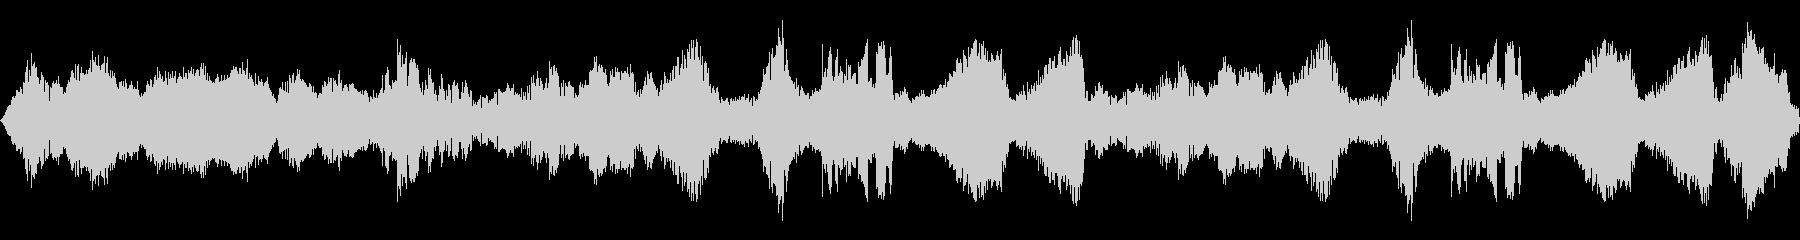 コントロールセンター:多層通信信号...の未再生の波形